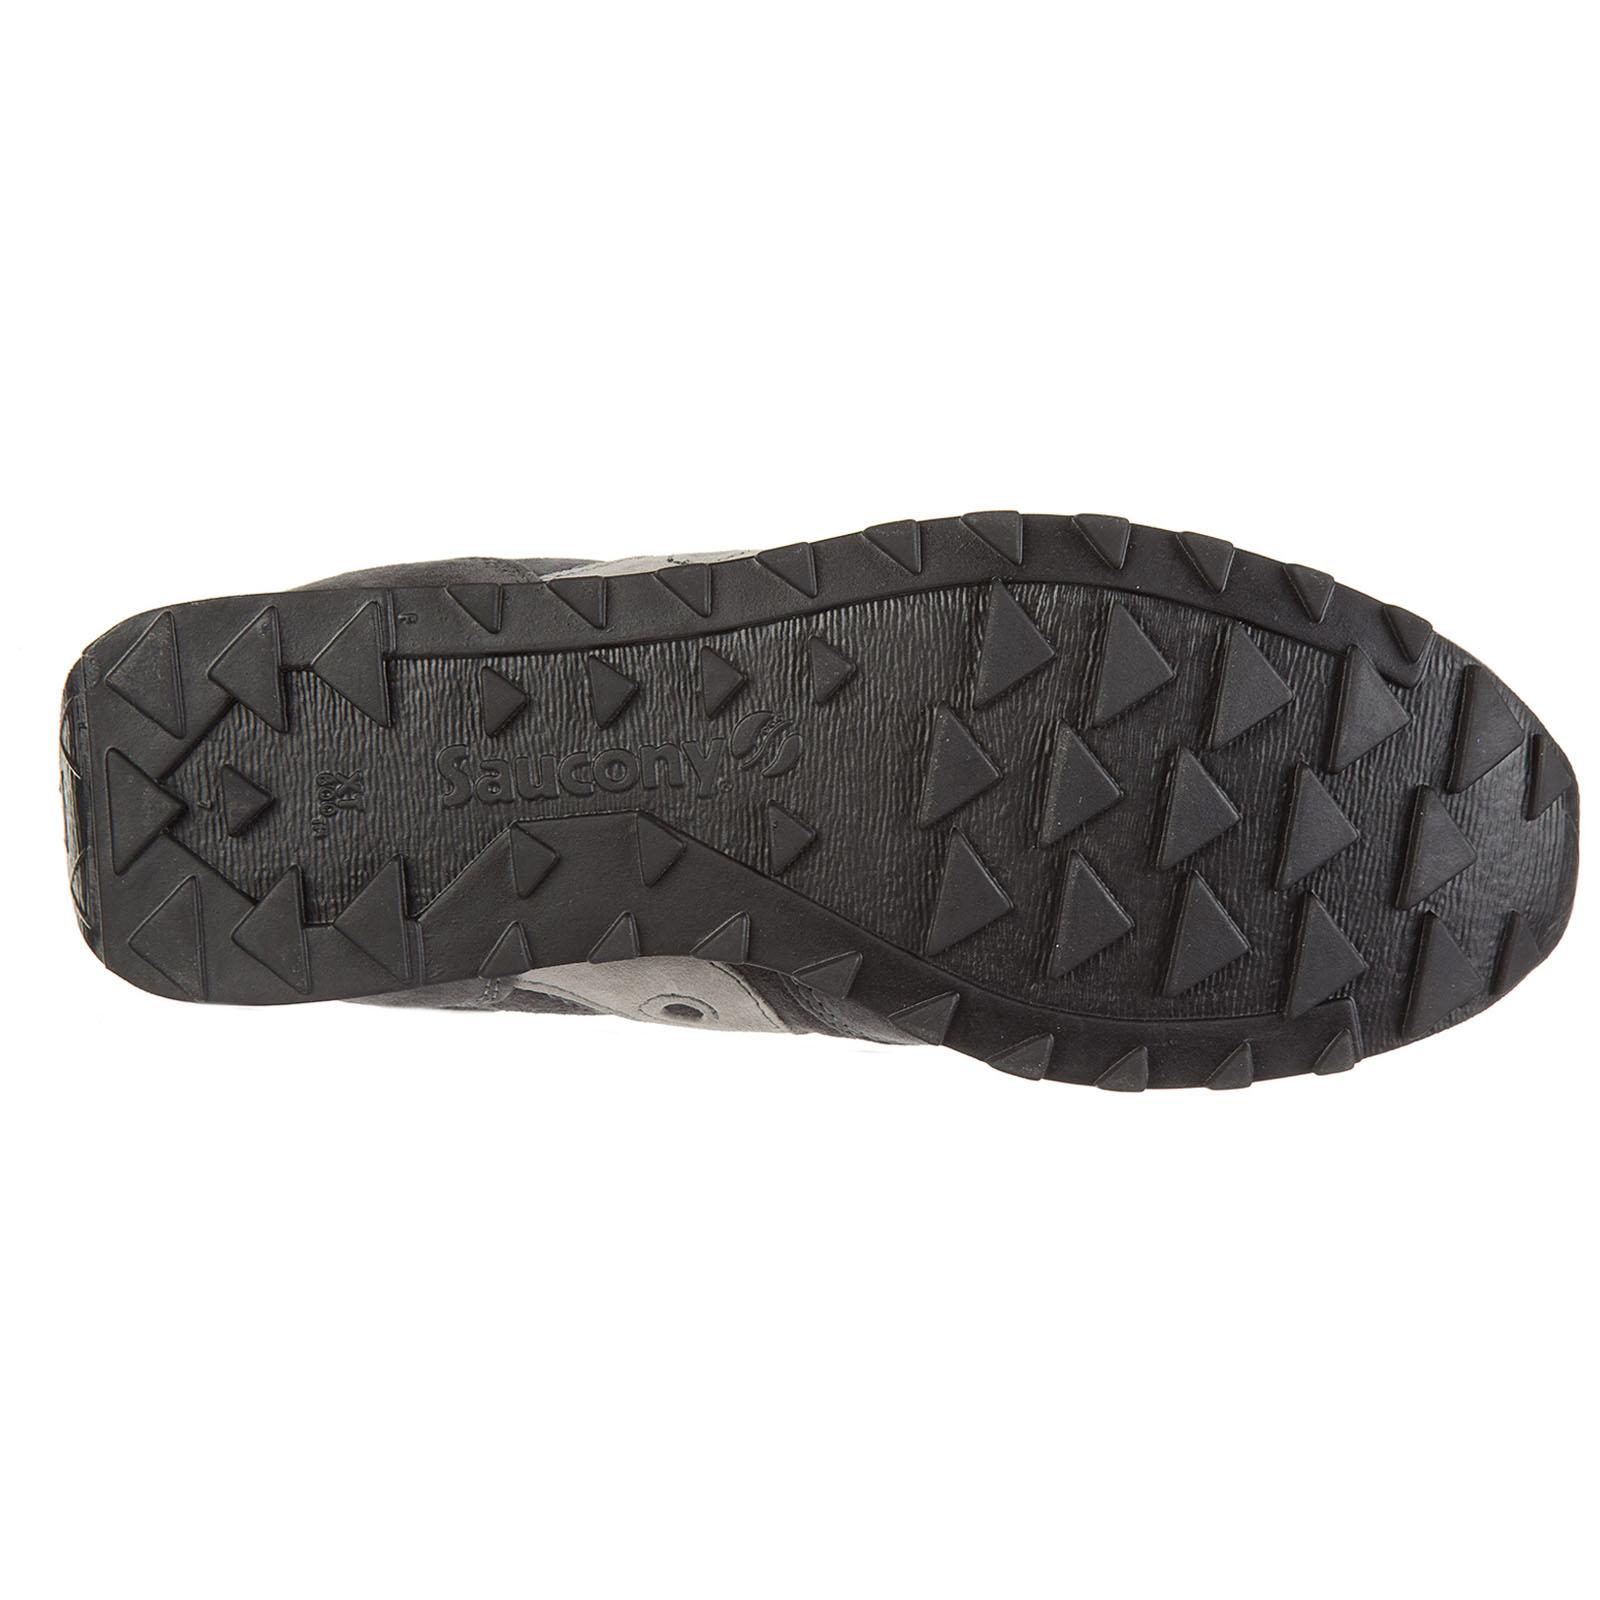 Zapatos zapatillas de deporte hombres en ante jazz lowpro